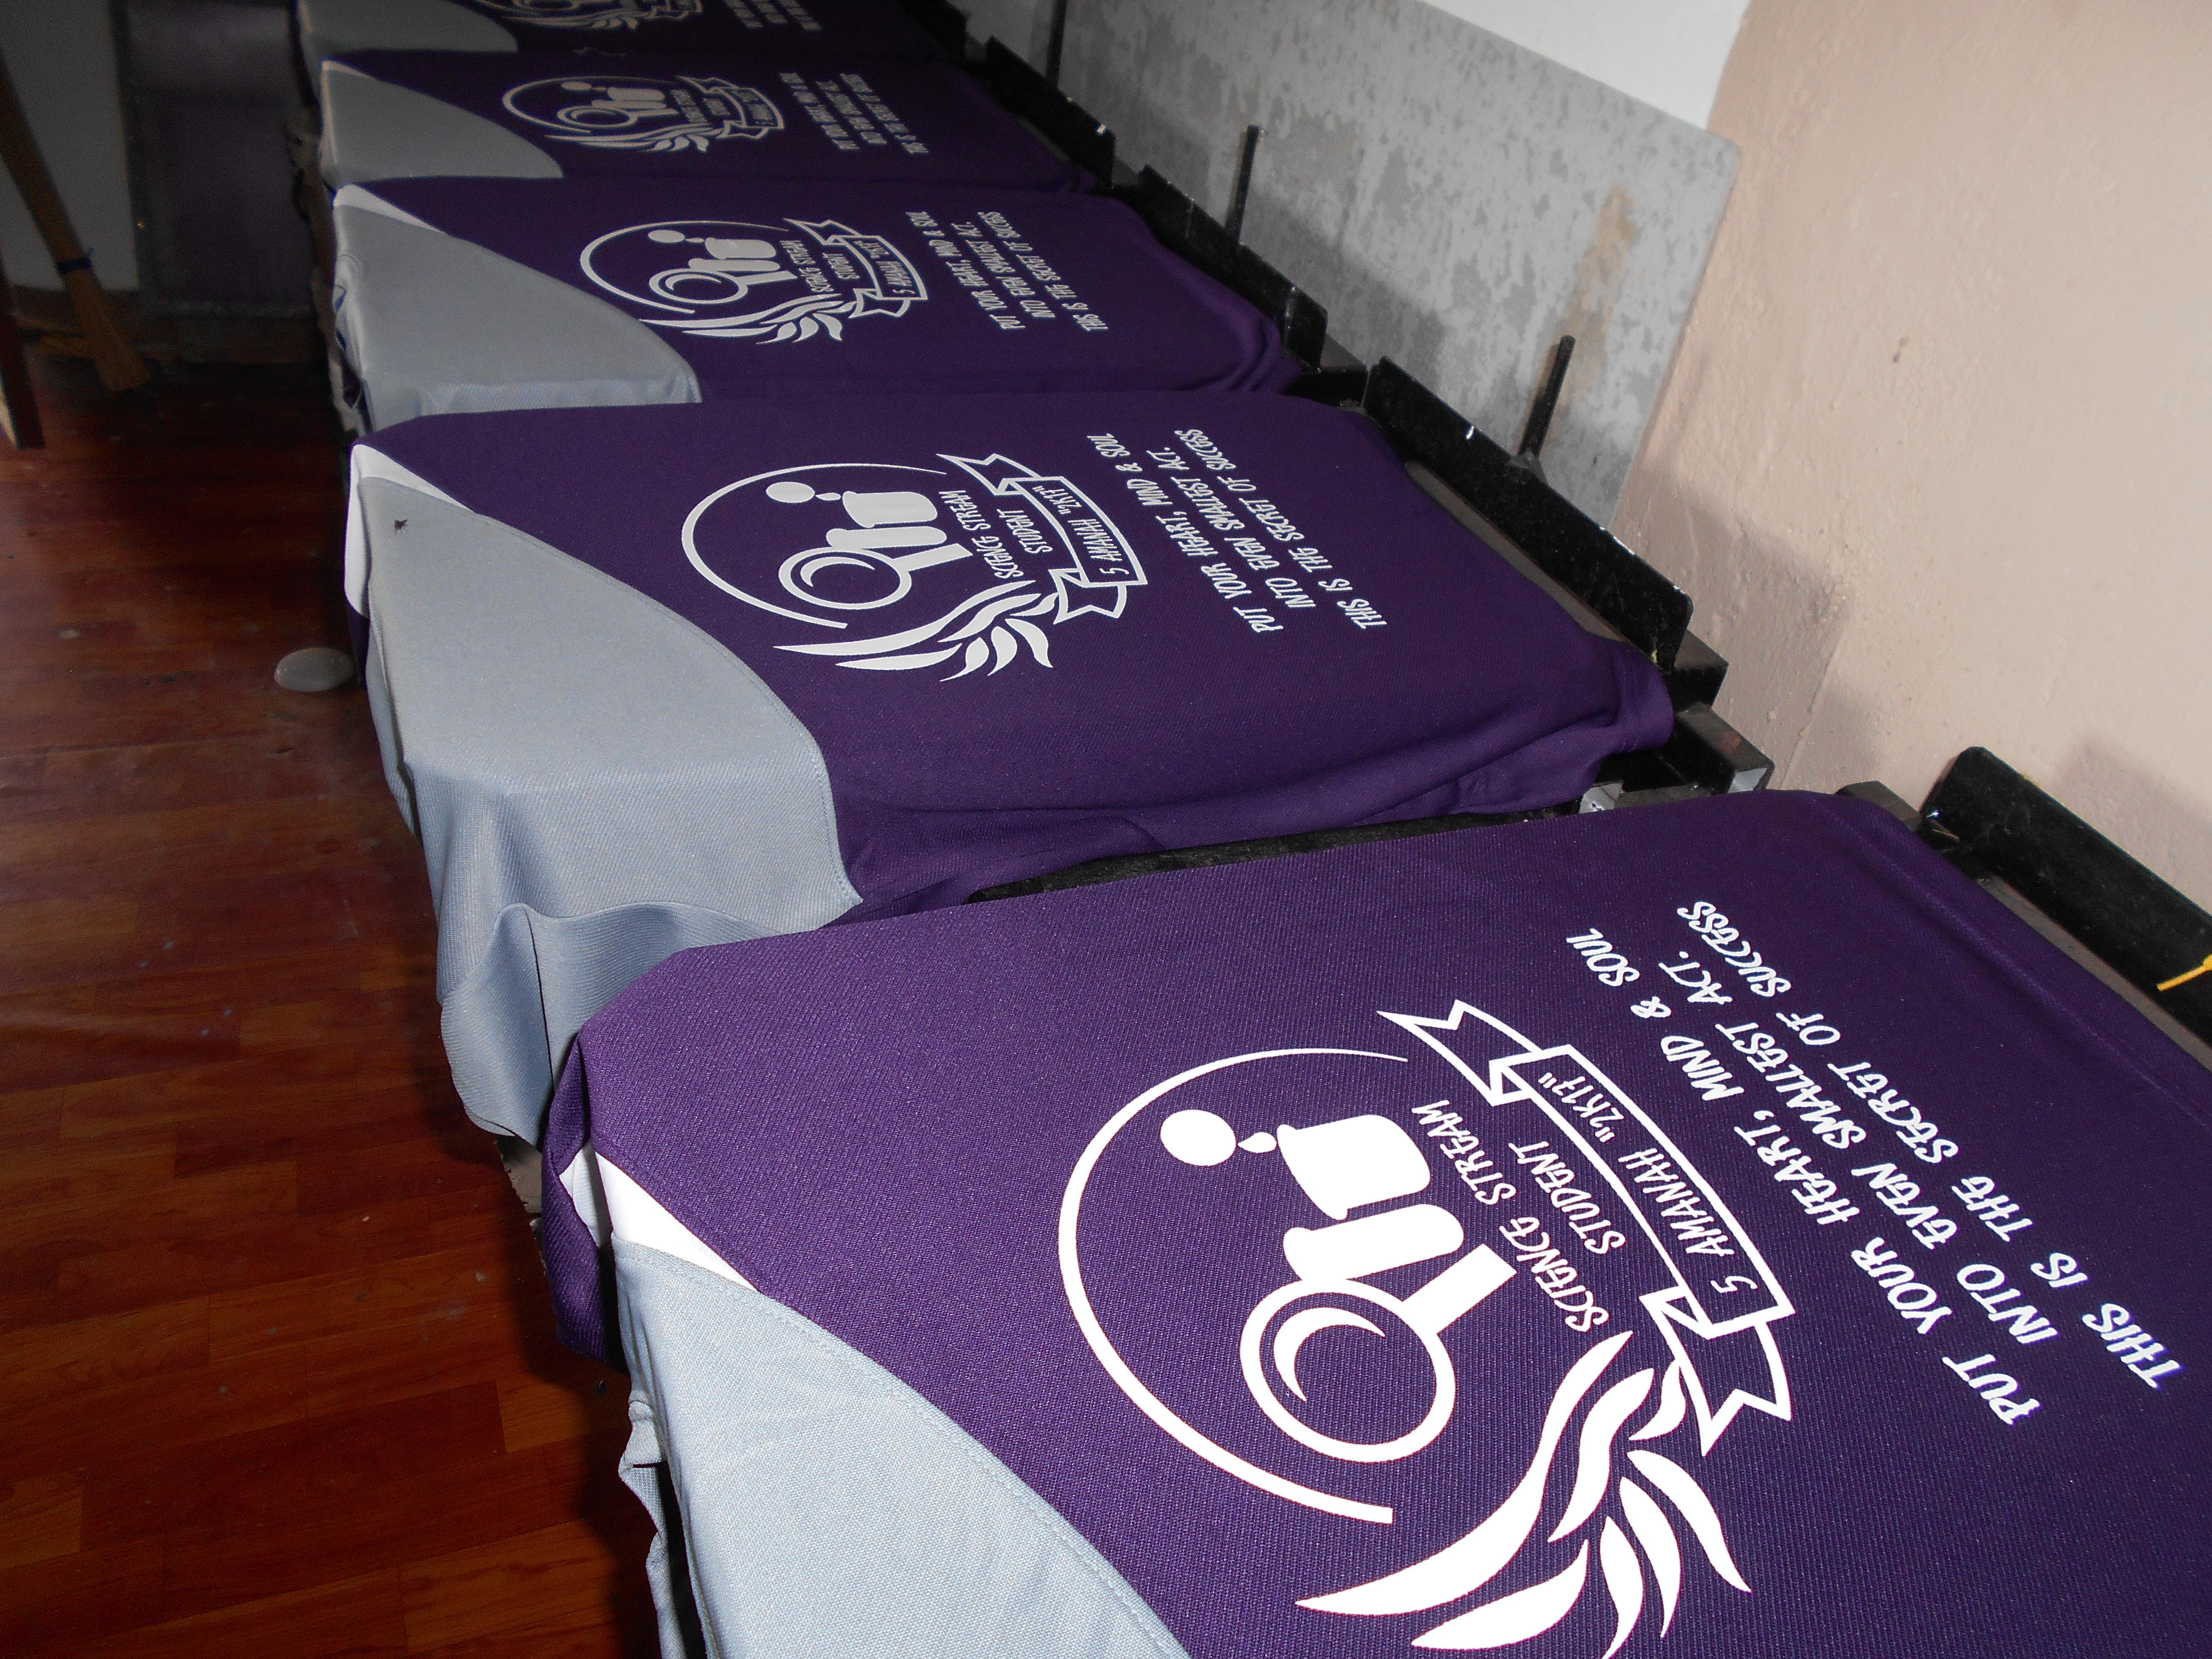 Contoh design tshirt kelas - Ni Antara Contoh Design Doodle Yang Saya Pernah Print Sebelum Ni Kalau Korang Nak Order Tshirt Design Doodle Ni Klik Sini Skrol Ke Bawah2 Untuk Lihat